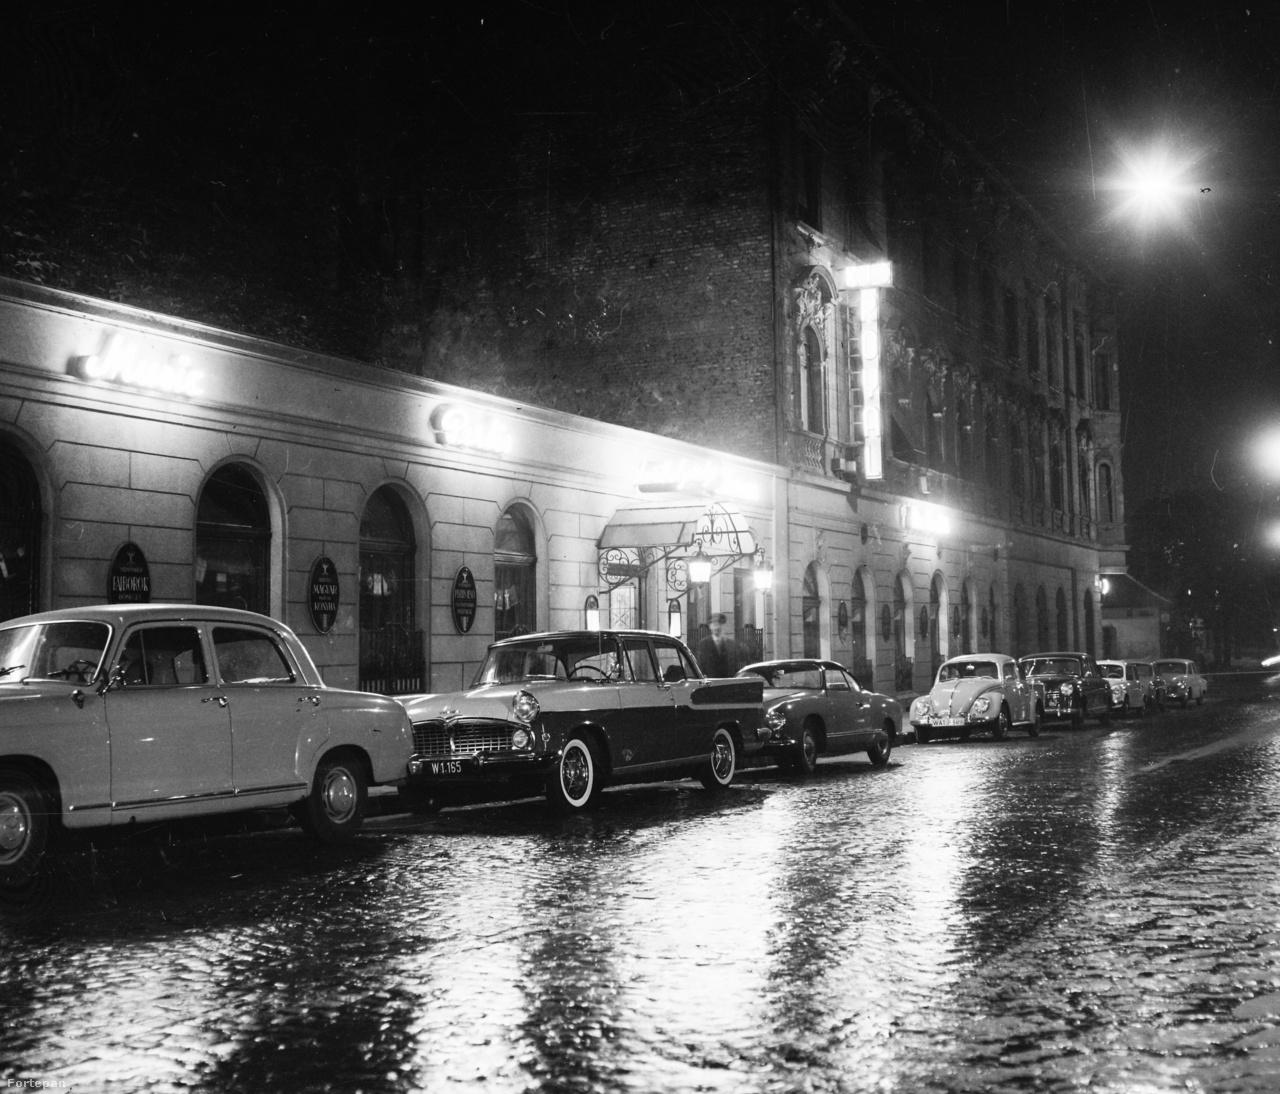 Gyönyörű autók fürdőznek a Kis Royal éjszakai fényében. A kis Volkswagen Karmann-Ghia sportkocsi külön figyelmet érdemel, de előtte a Simca Vedette, és a Mercedes Ponton is csodaszépek. Kissé hátrébb egy Volkdswagen bogár, mögötte még egy Ponton parkol.